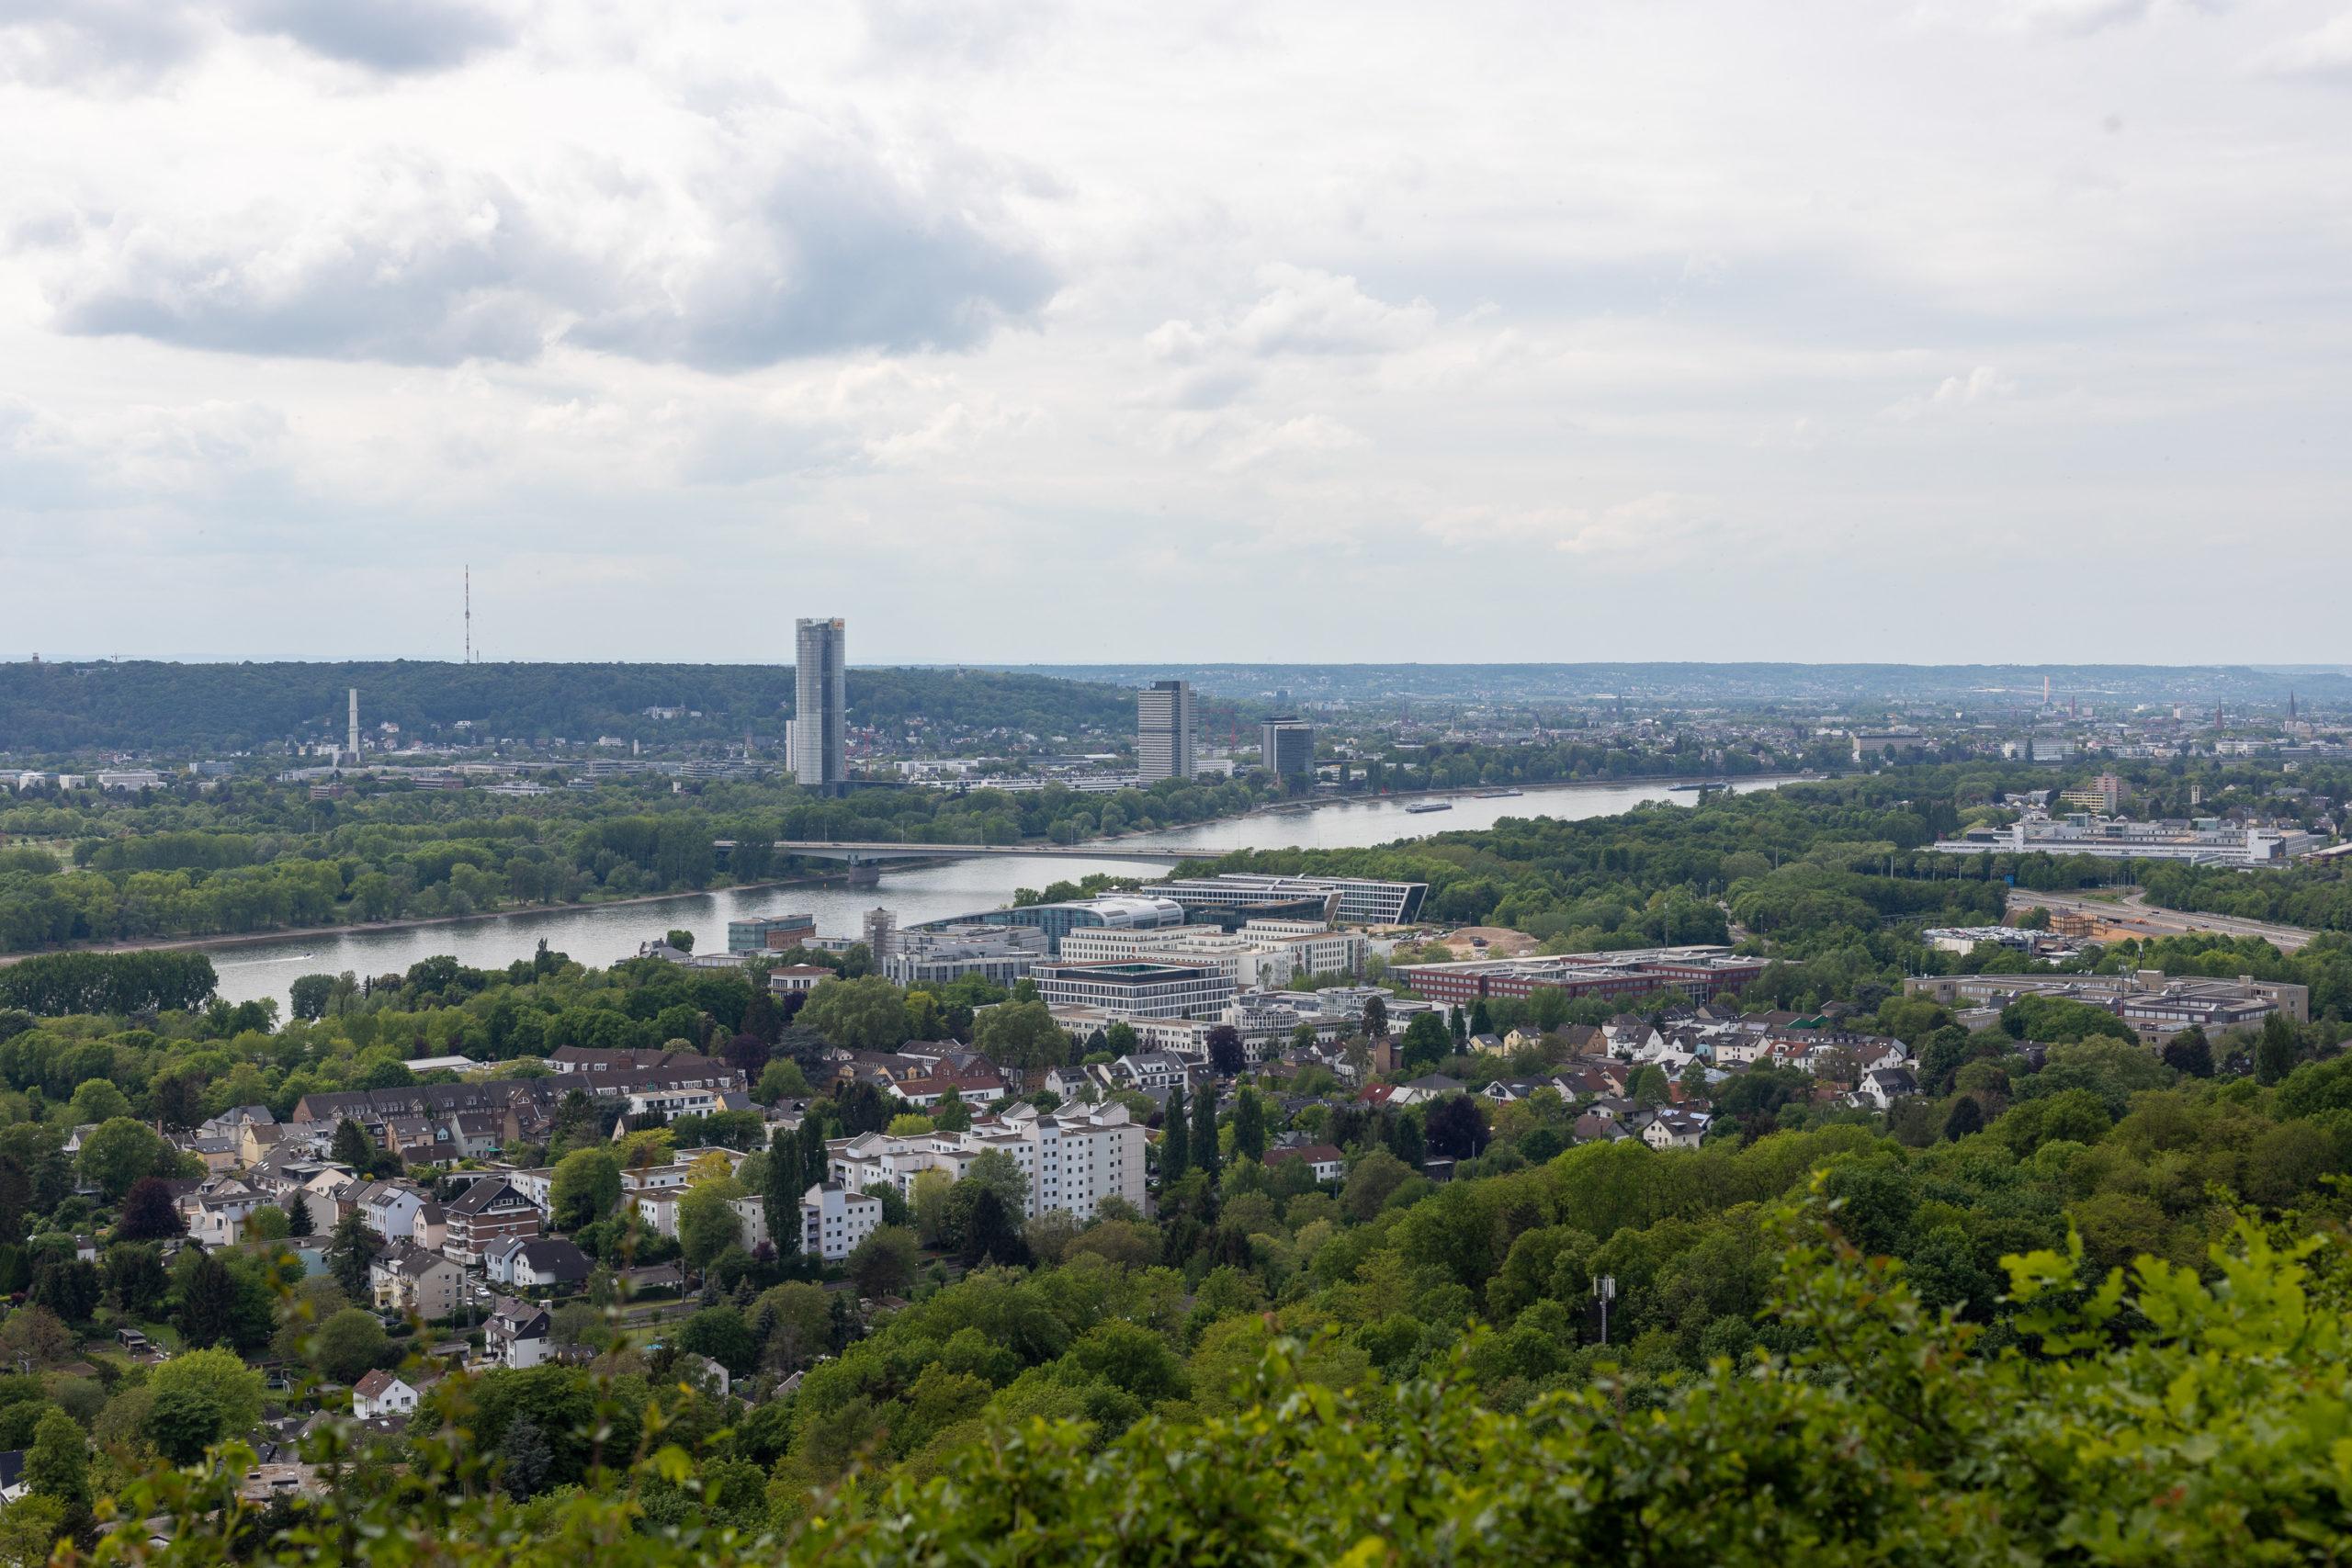 Blick nach Bonn, man erkennt drei Hochhäuser und viele weitere Gebäude, eingerahmt von viel Grün.